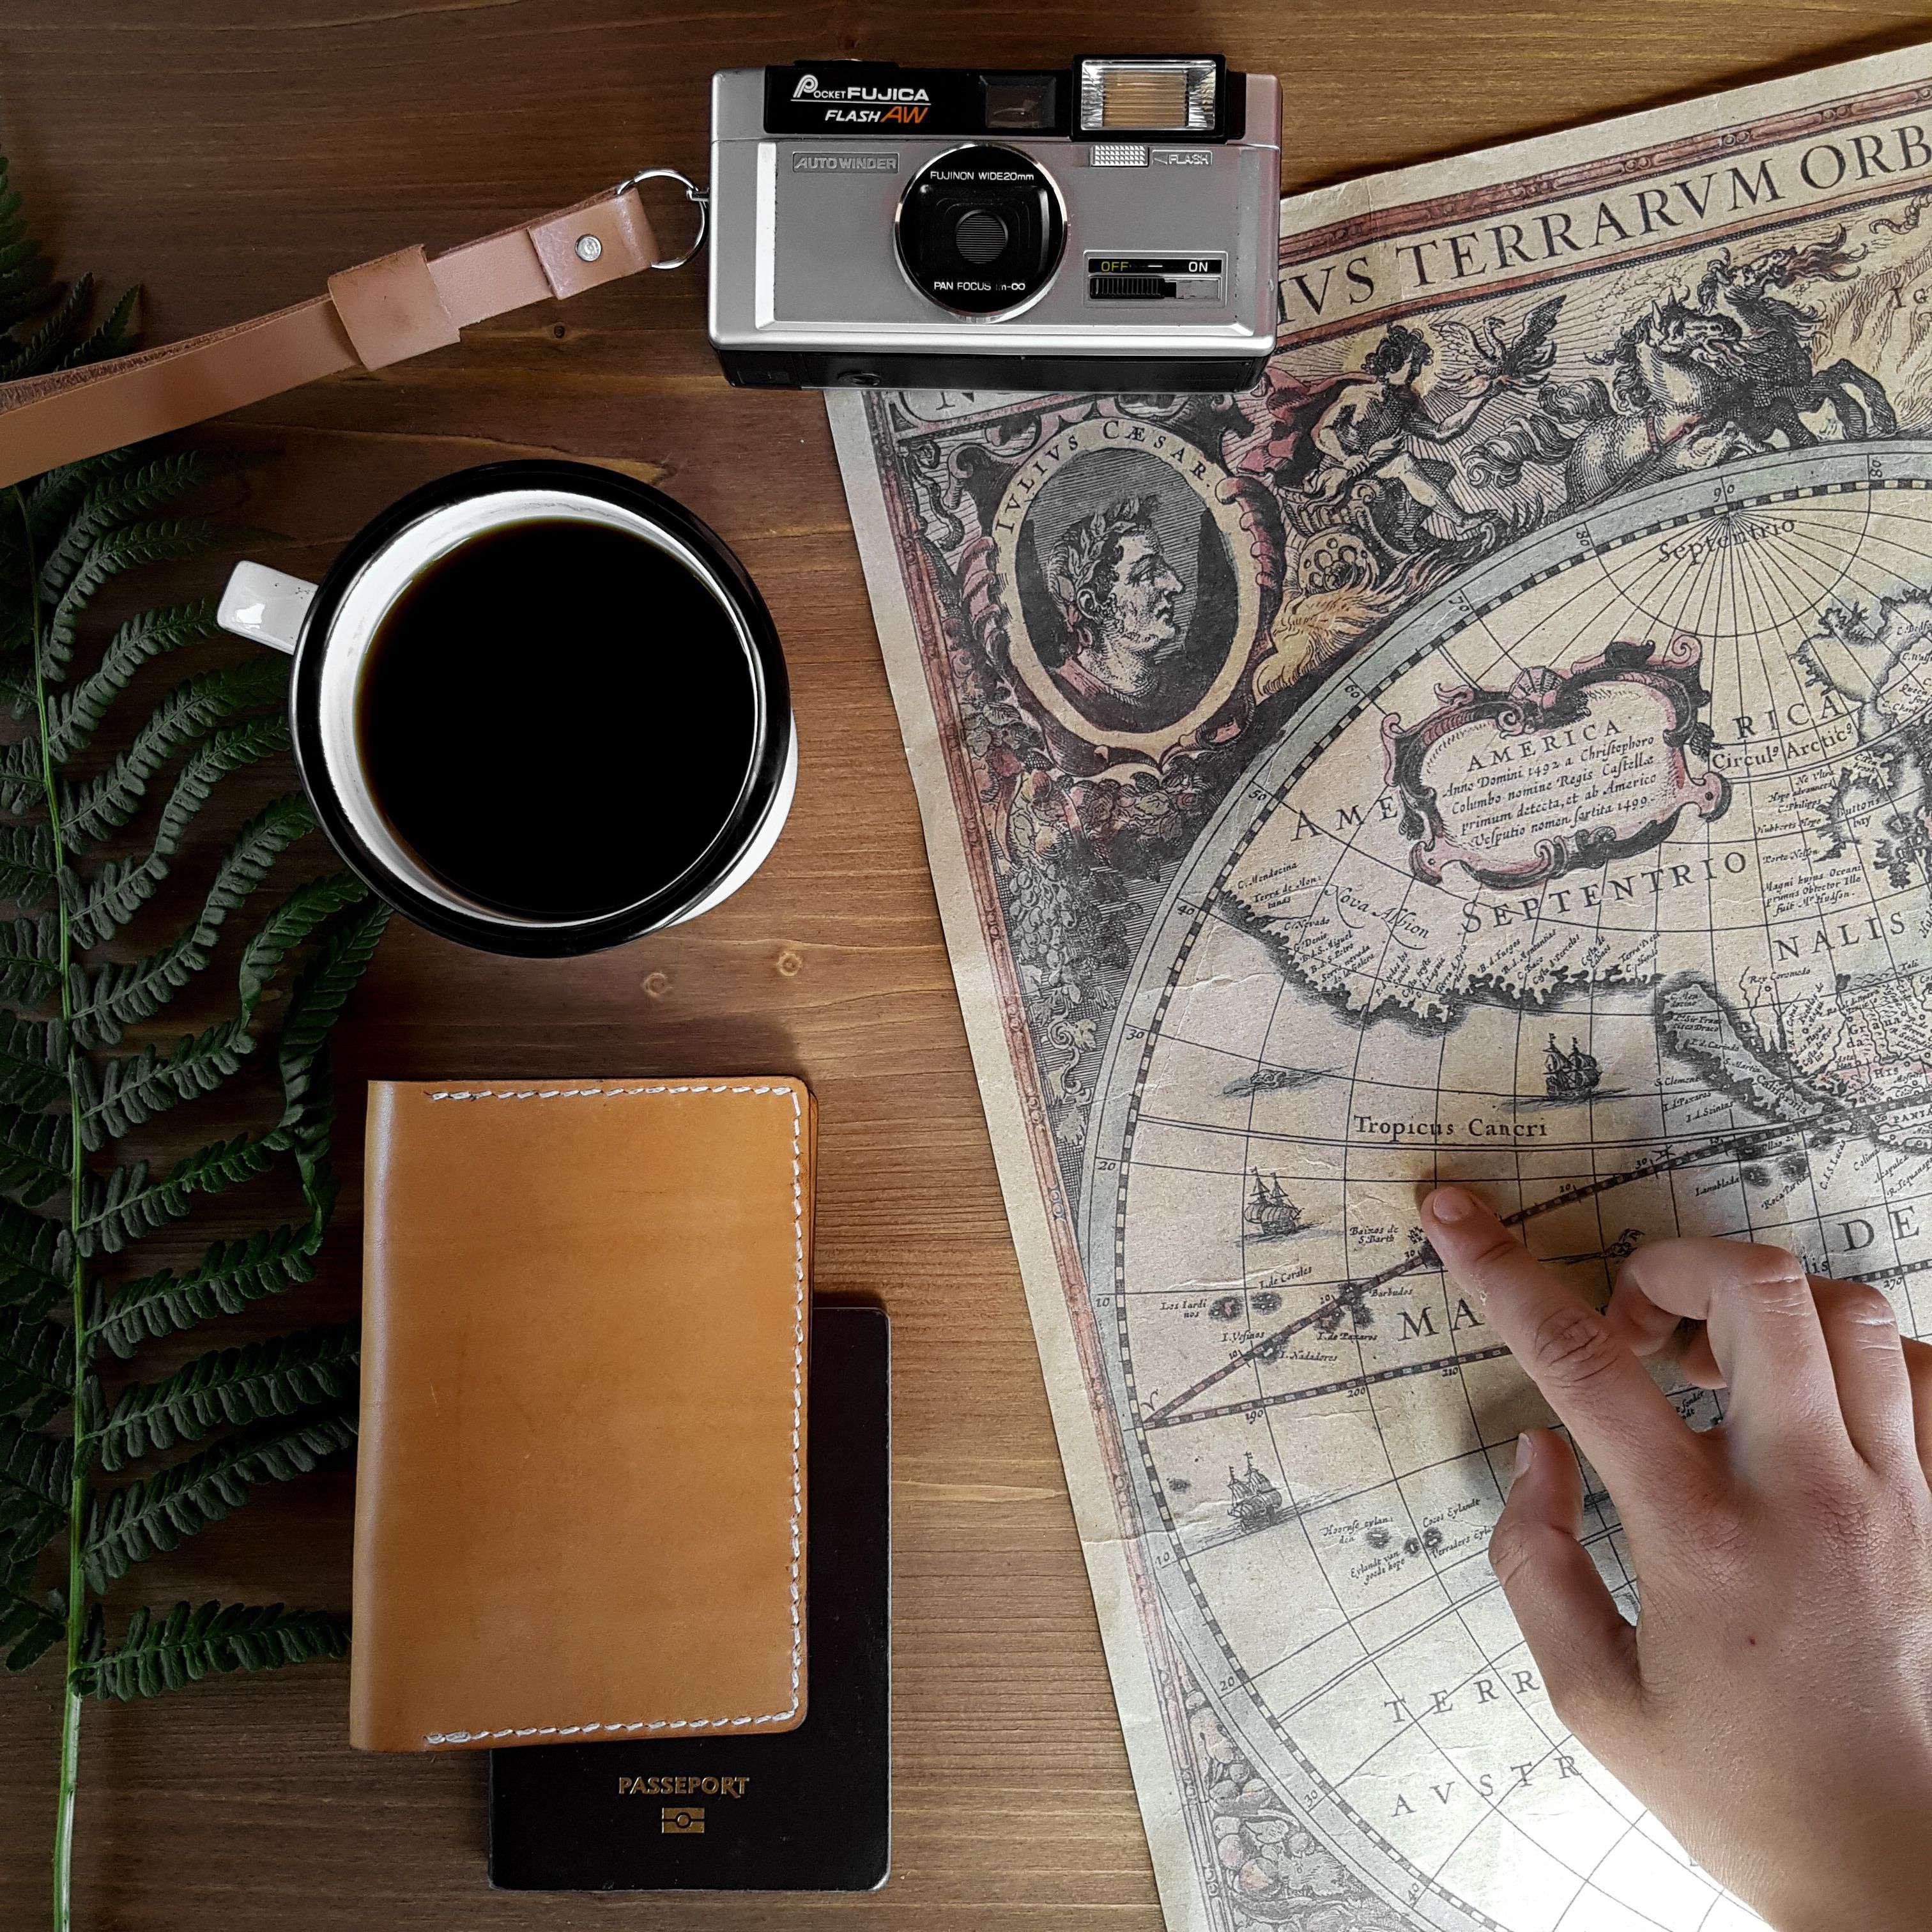 Neptuun-maroquinerie-voyage